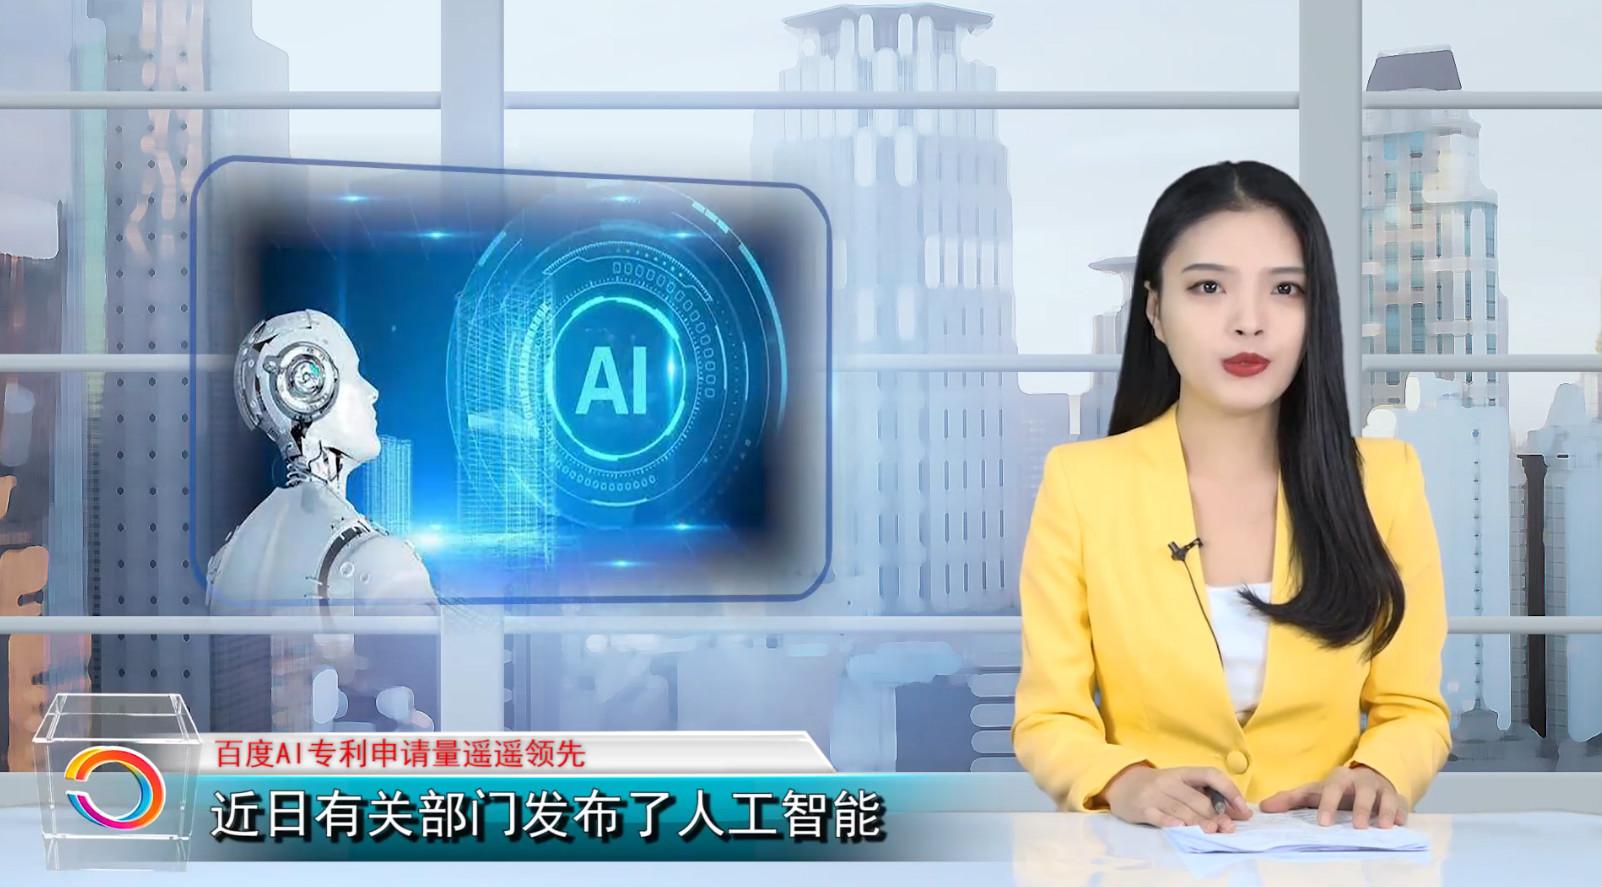 百度AI专利高达5712件,人工智能专利申请量排名榜首